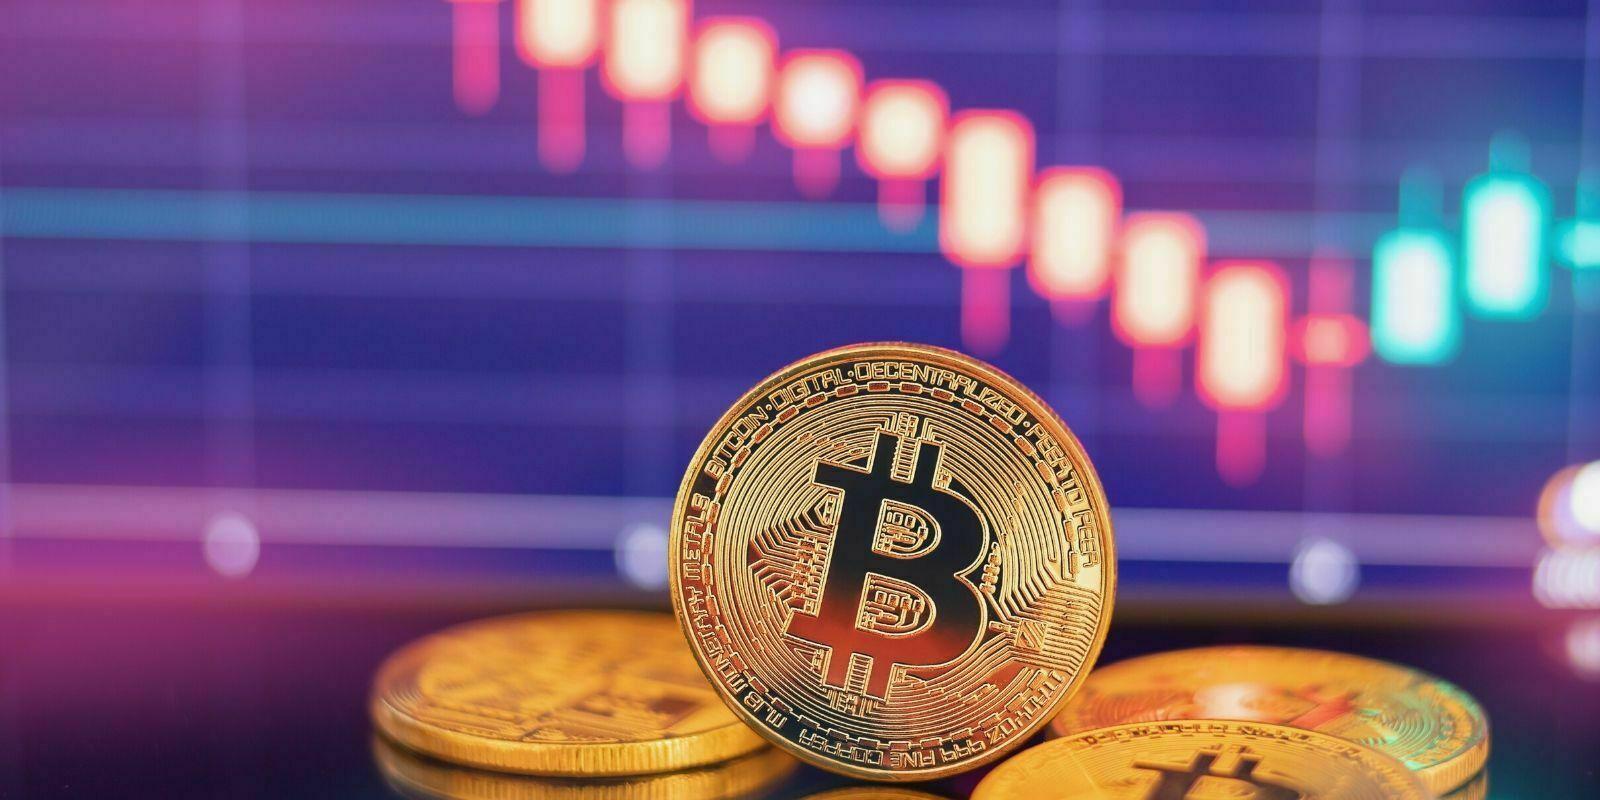 Le Bitcoin (BTC) chute et entraîne les altcoins dans son sillage